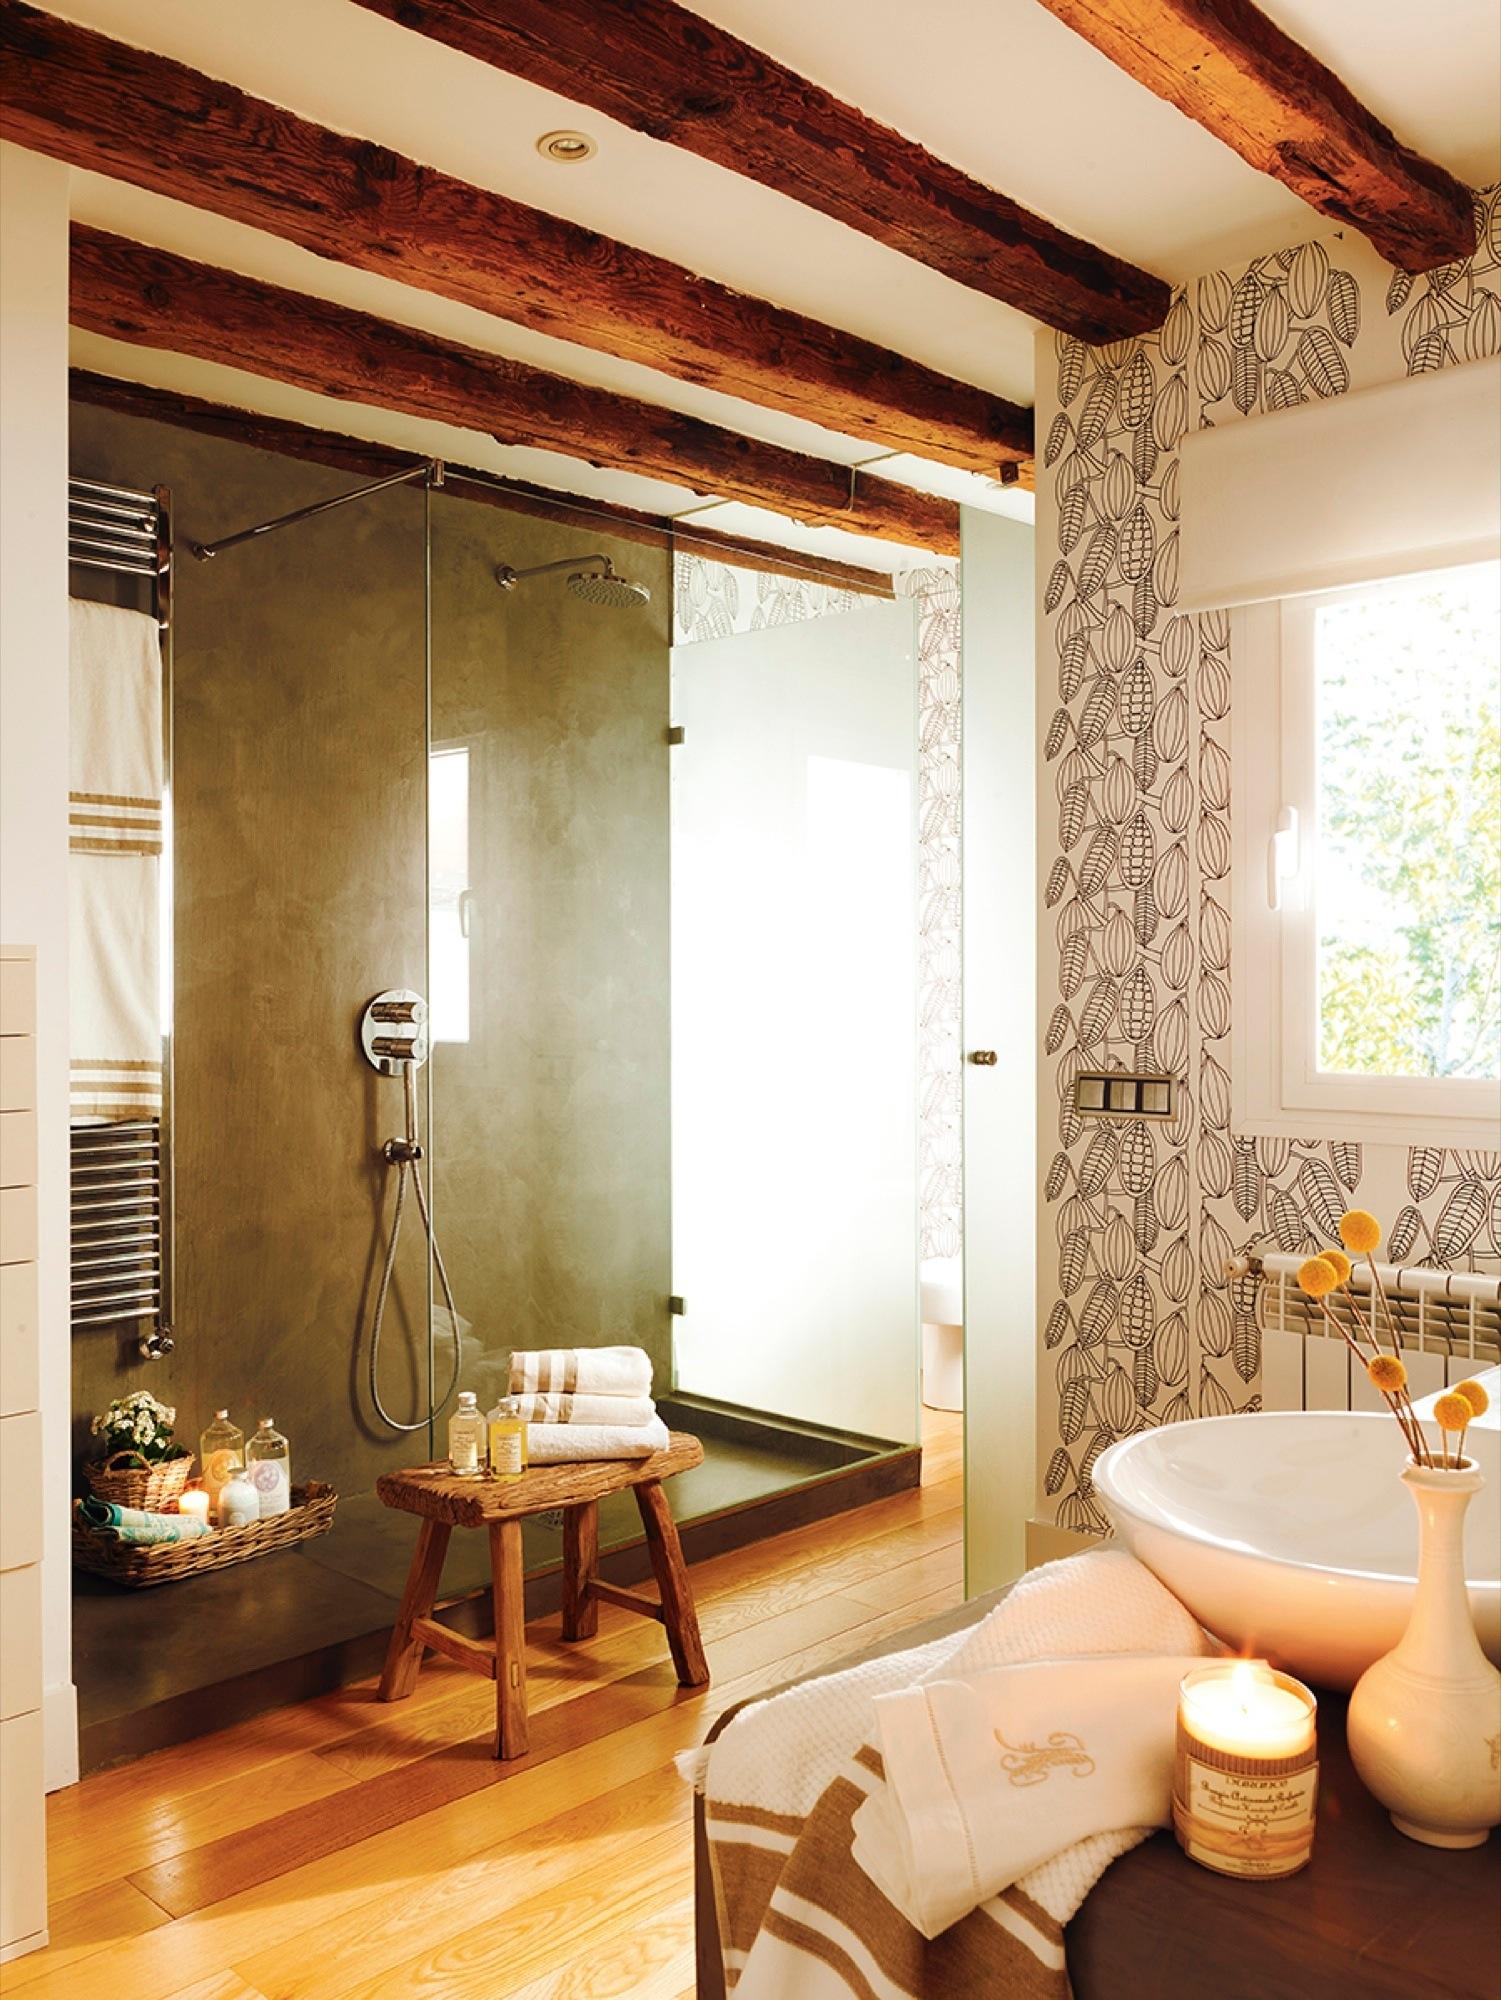 Decora tu casa con papel pintado - Papel vinilico bano ...